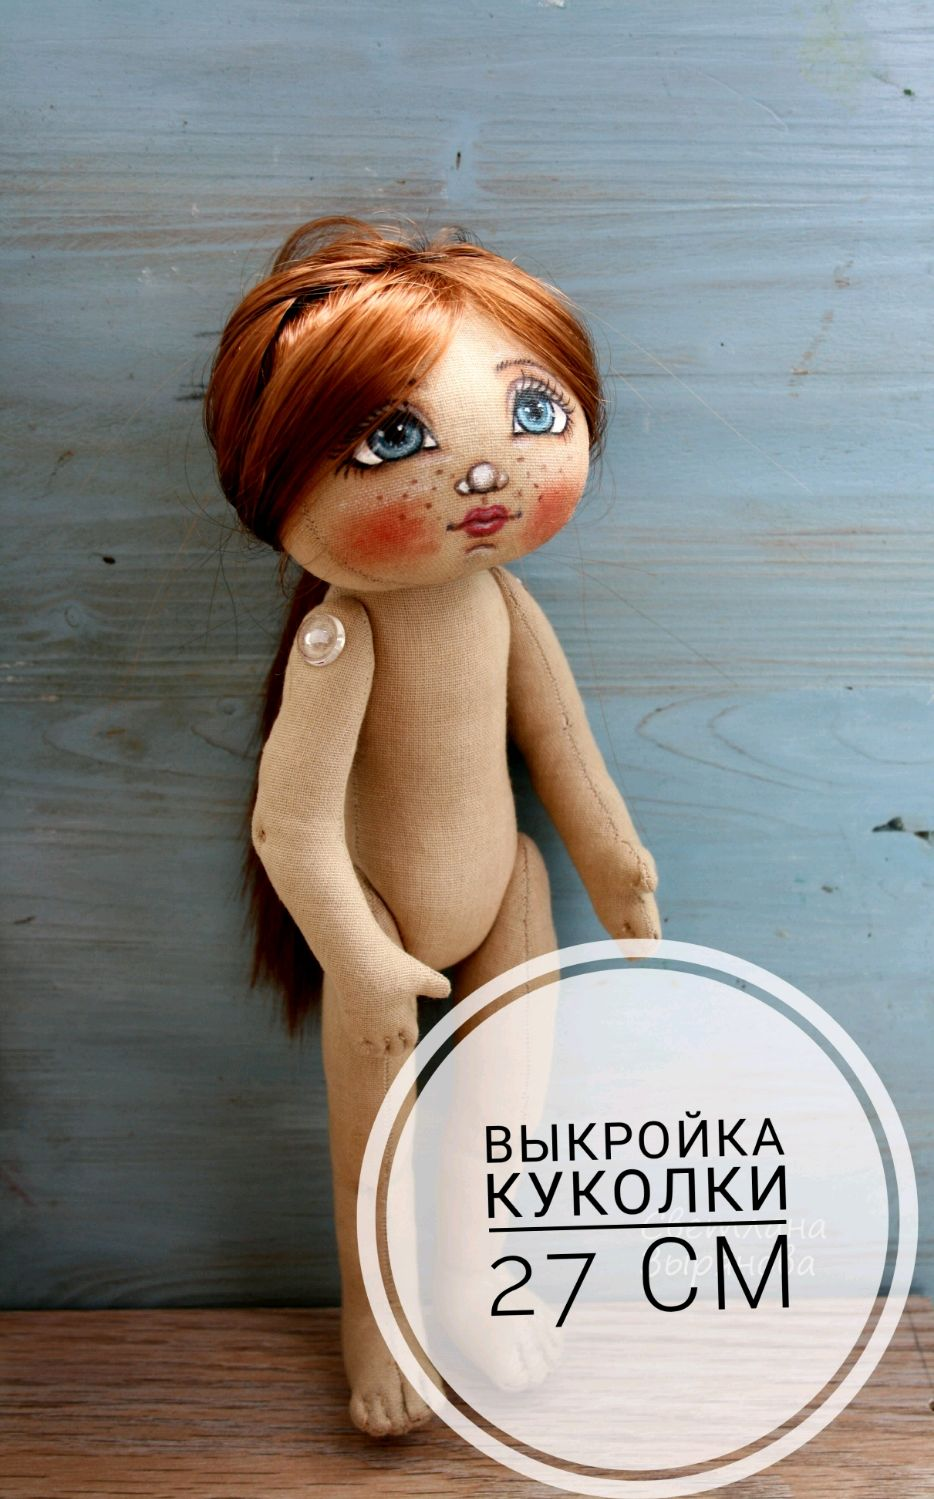 Выкройка текстильной куколки 27 см, Выкройки для шитья, Пермь,  Фото №1